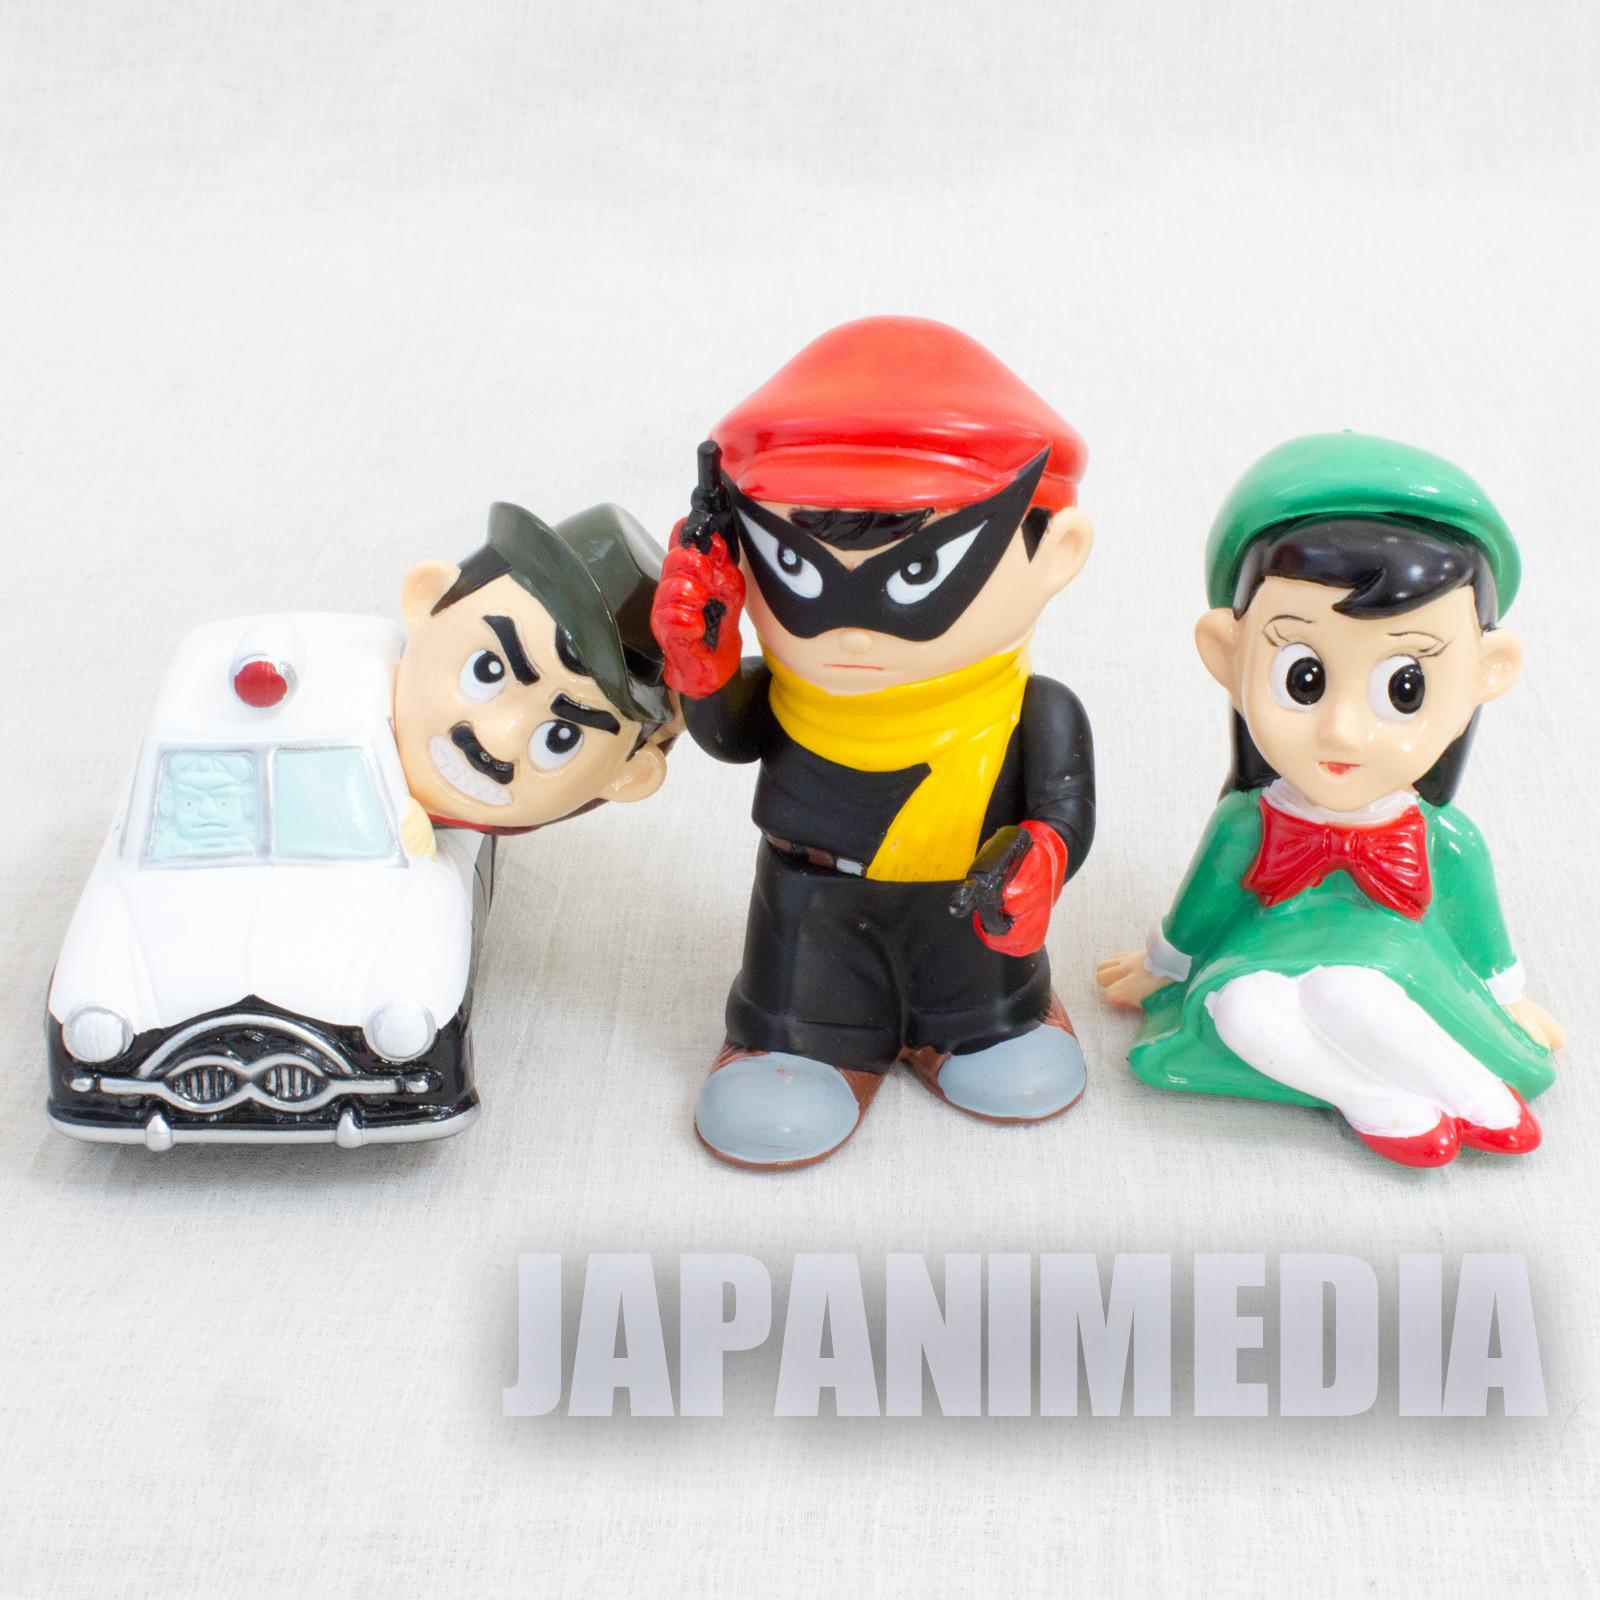 Maboroshi Tantei Soft Vinyl Figure 3pc Set JAPAN MANGA ANIME